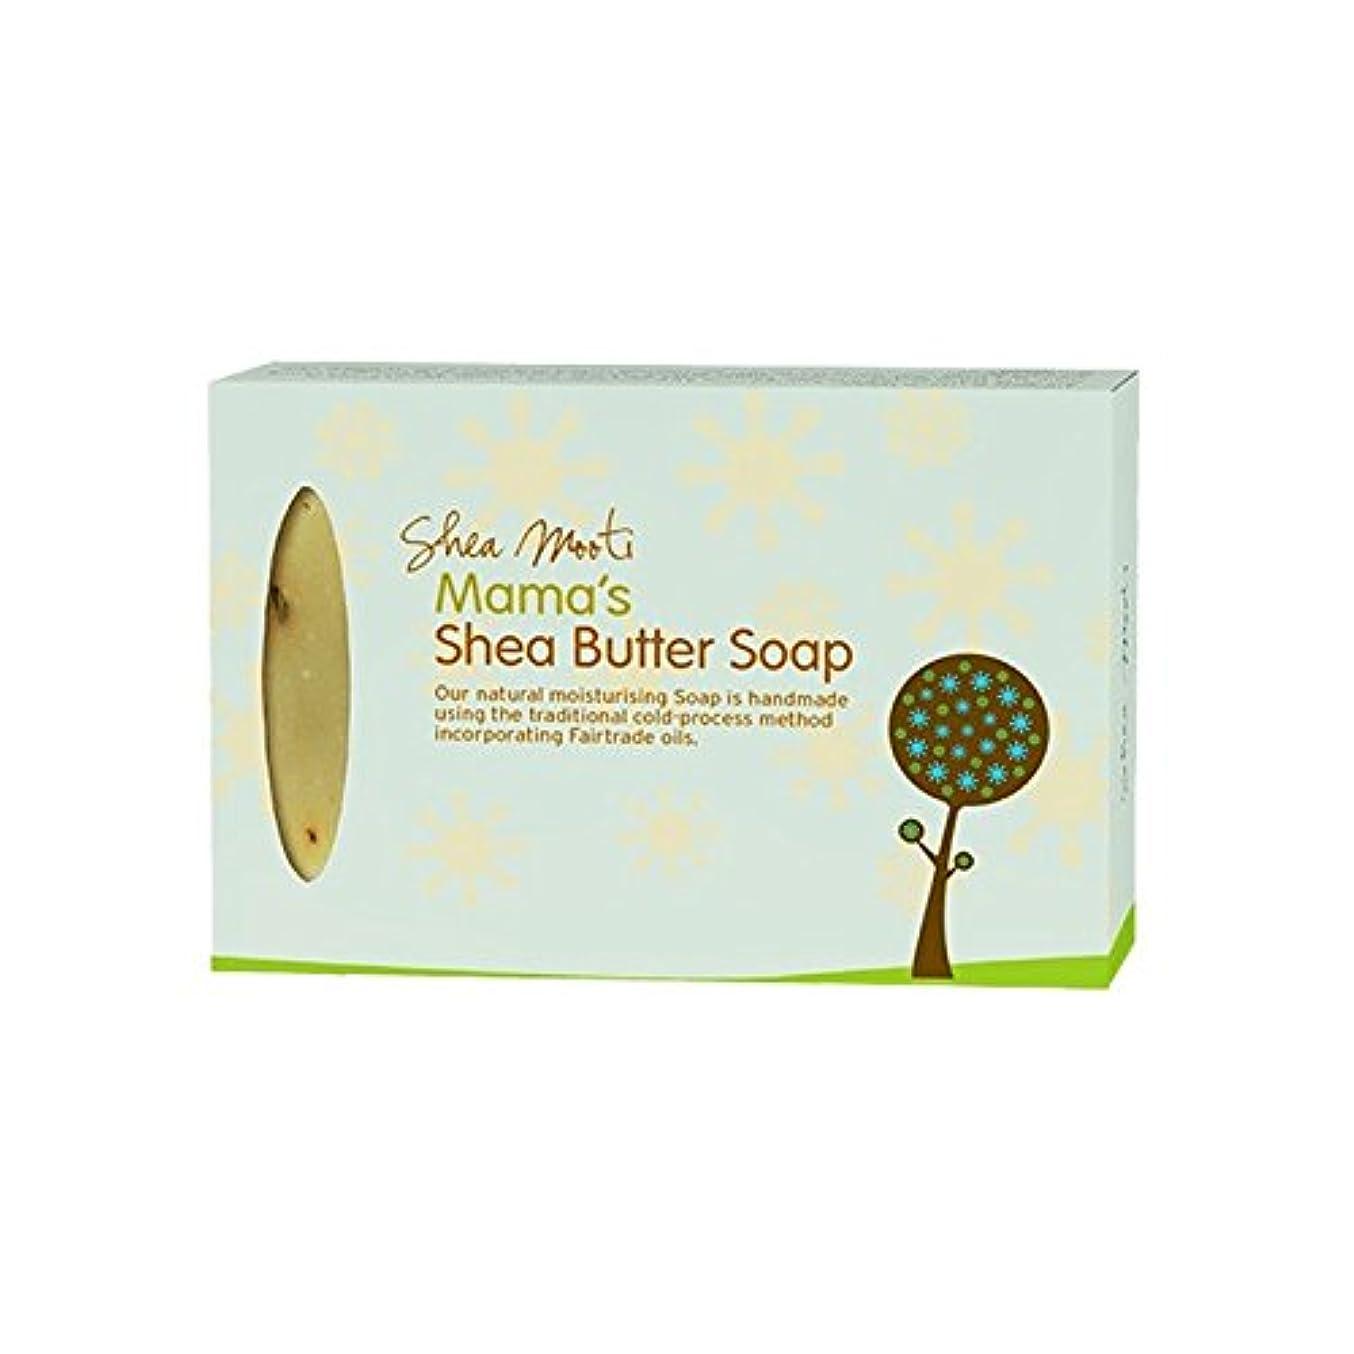 王子取り除く司法シアバターMootiママのシアバターソープ100グラム - Shea Mooti Mama's Shea Butter Soap 100g (Shea Mooti) [並行輸入品]